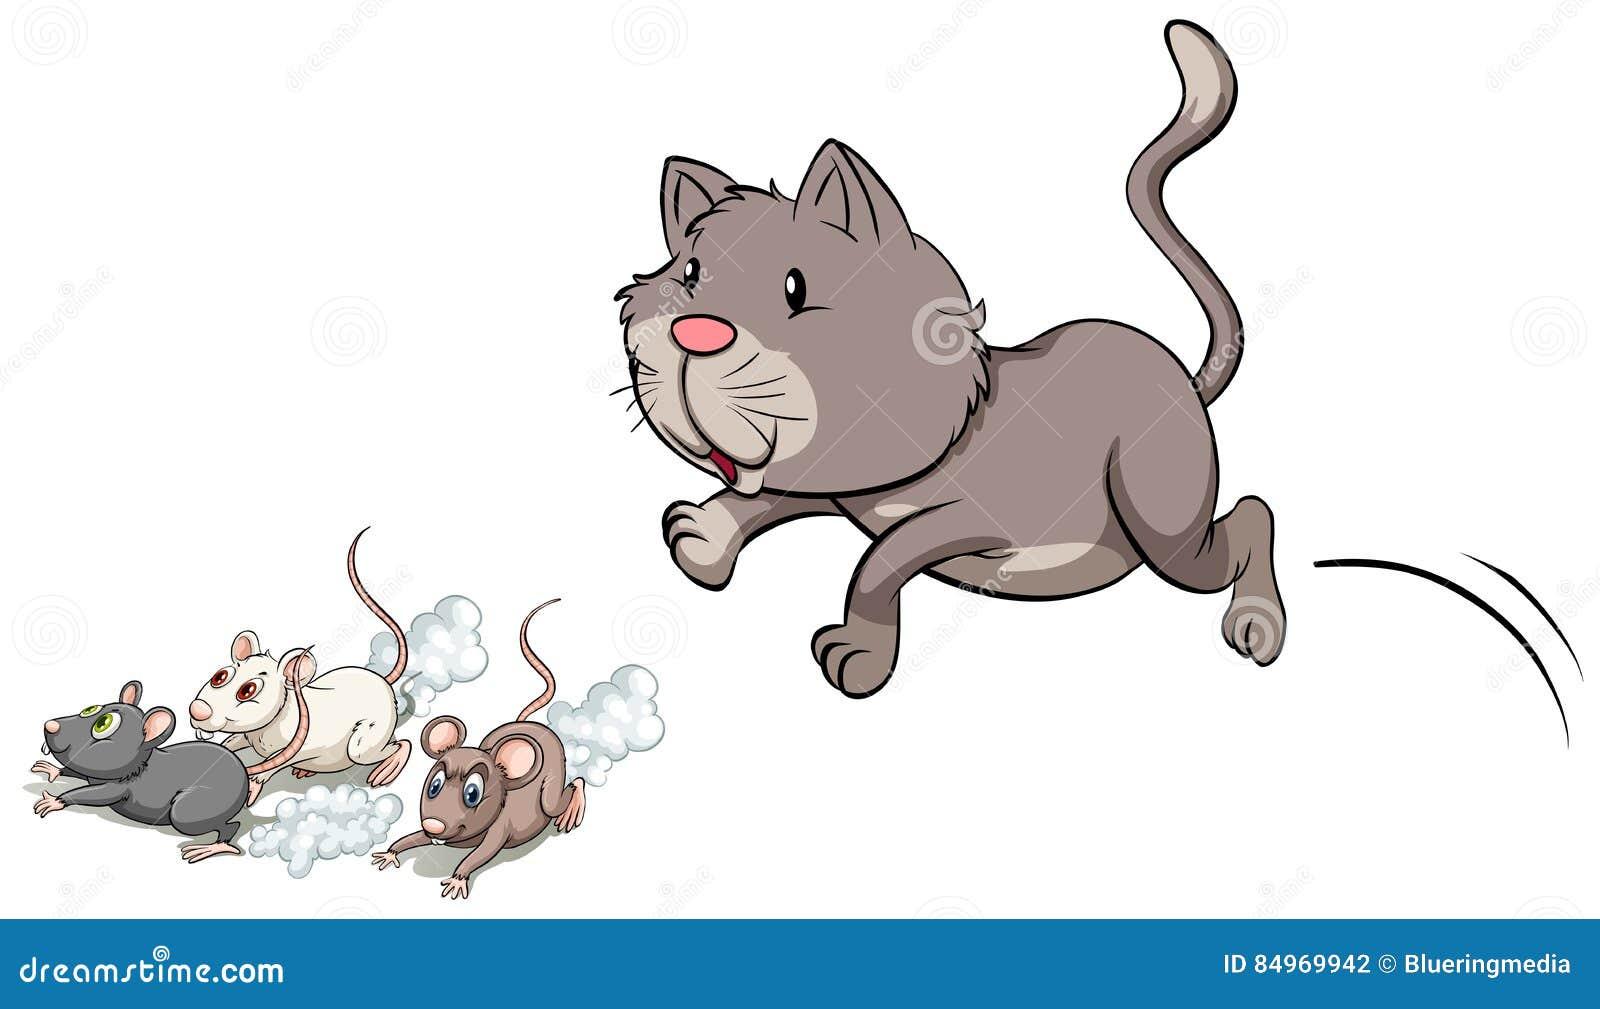 Картинка кошки и мышки для детей на прозрачном фоне